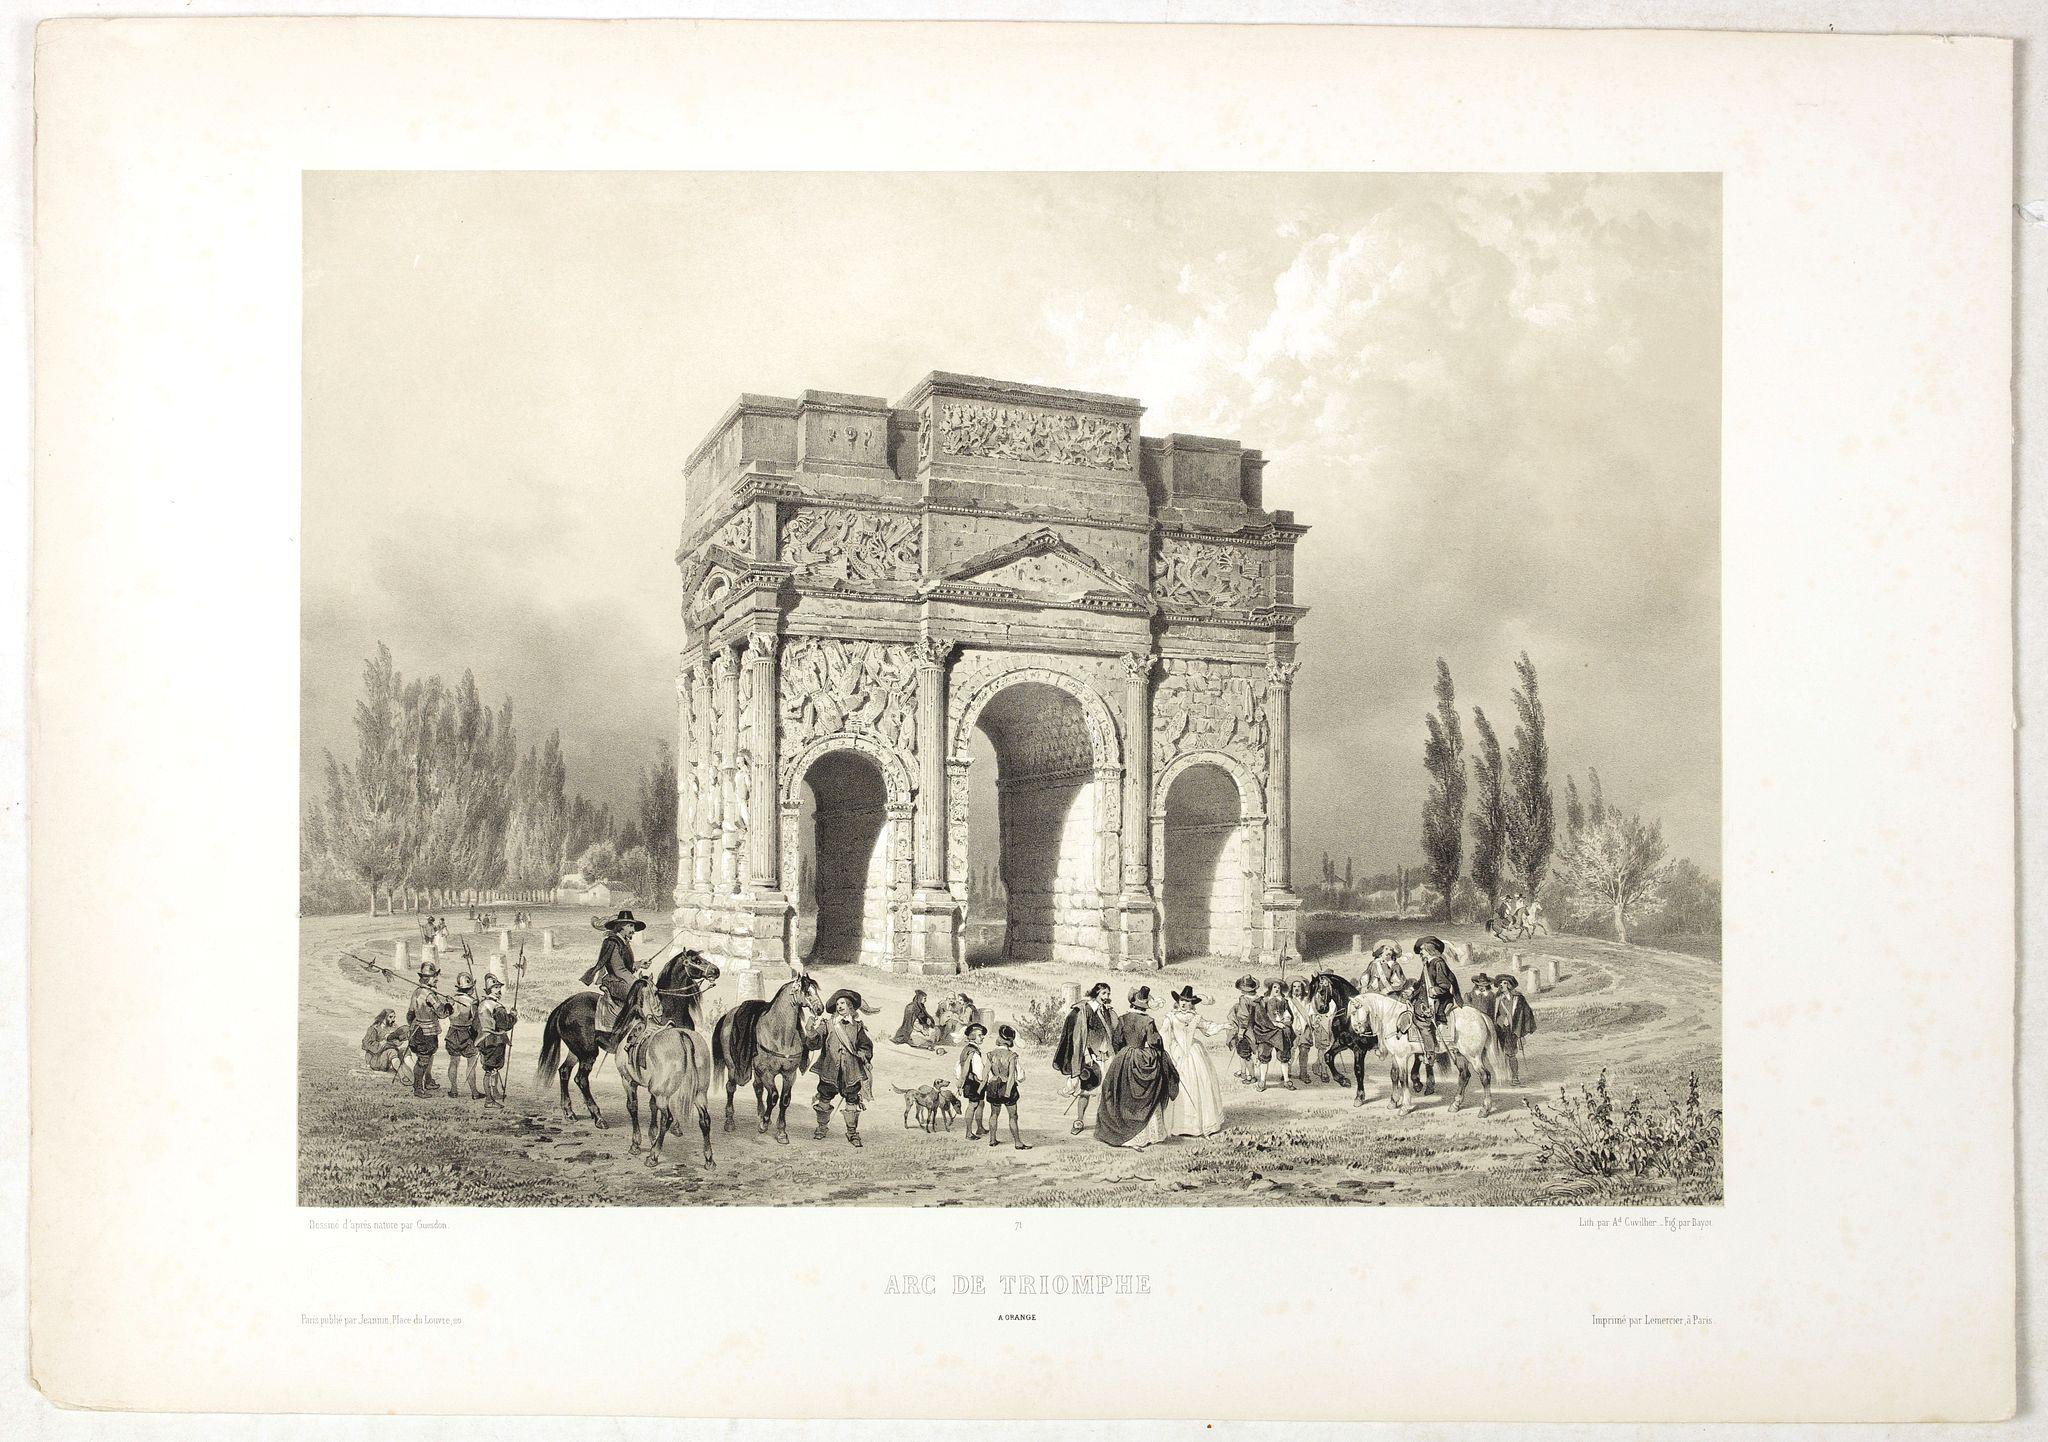 CHAPUY -  ARC DE TRIOMPHE A ORANGE. Dessiné d'après nature par Guesdon. Lith. par Ad. Cuvellier. Fig. par Bayot.